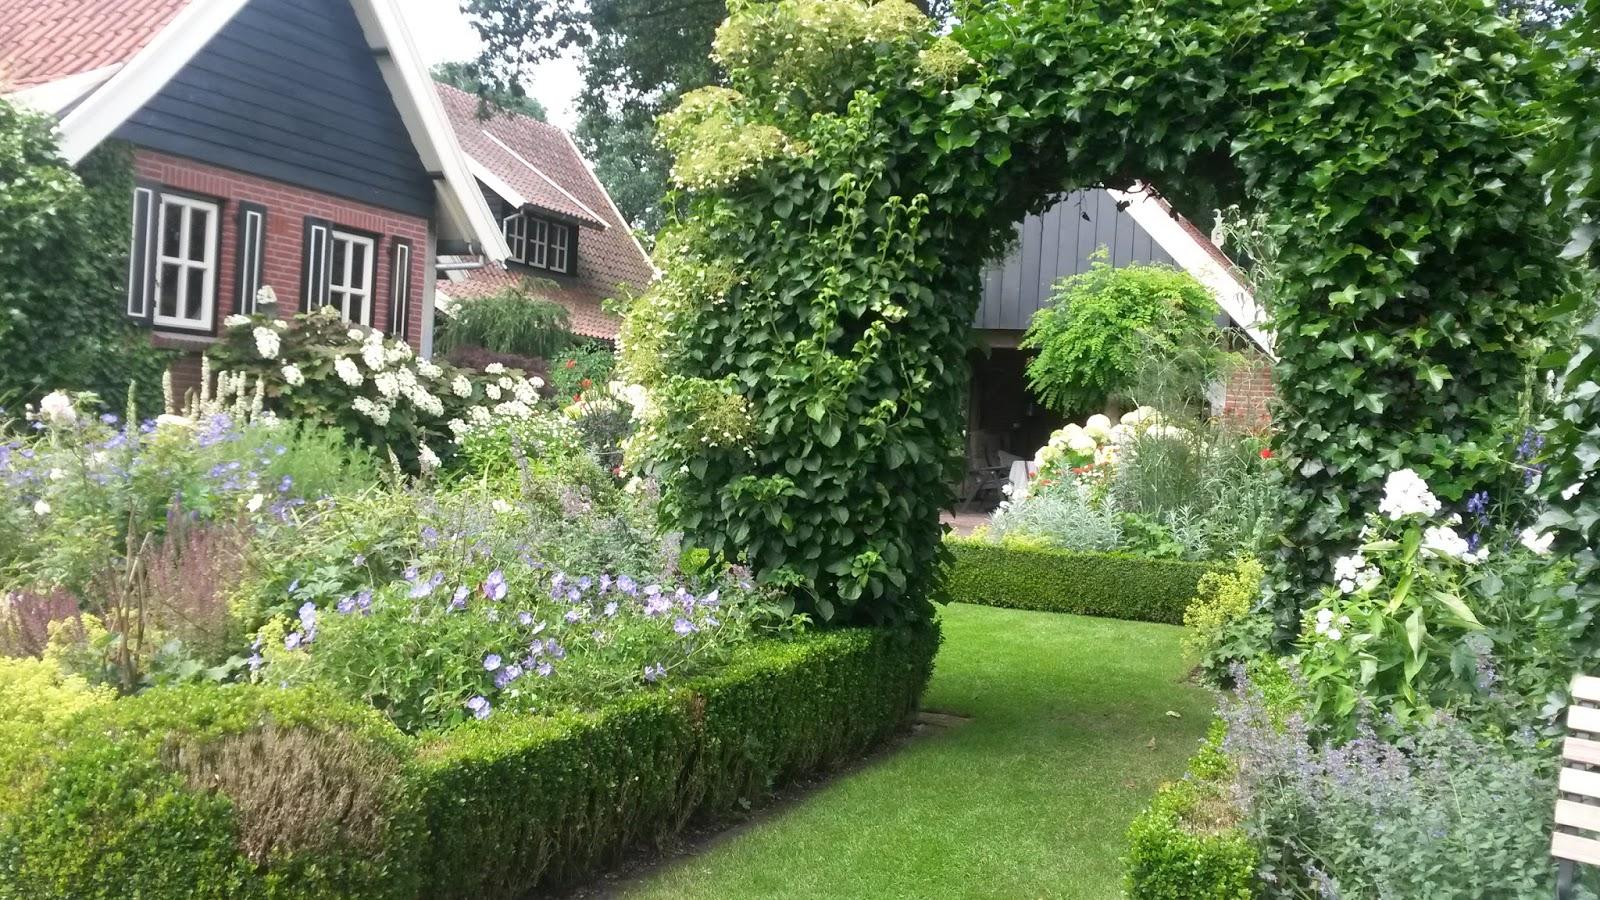 Kiekplaotiesenzo open tuin in denekamp bezocht - Alle tuin ...